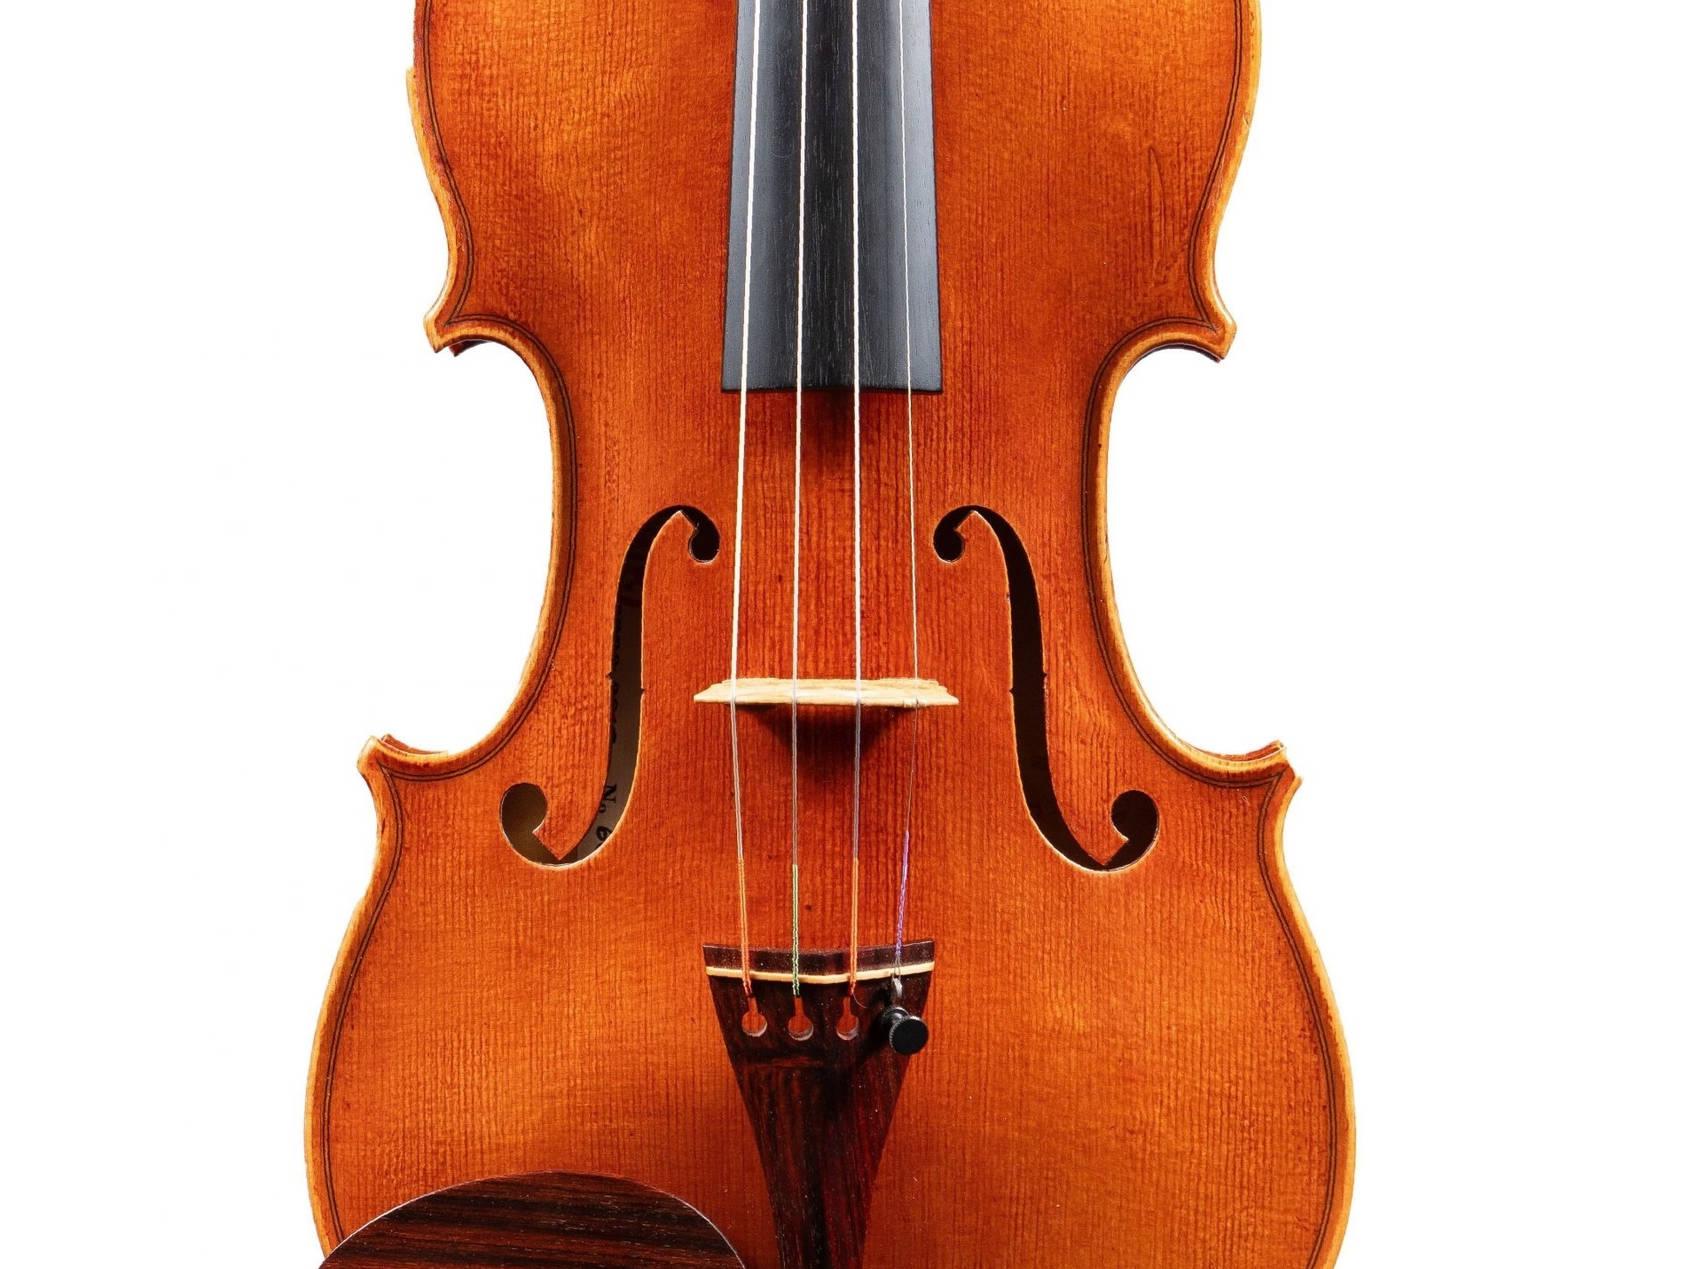 kloo violins